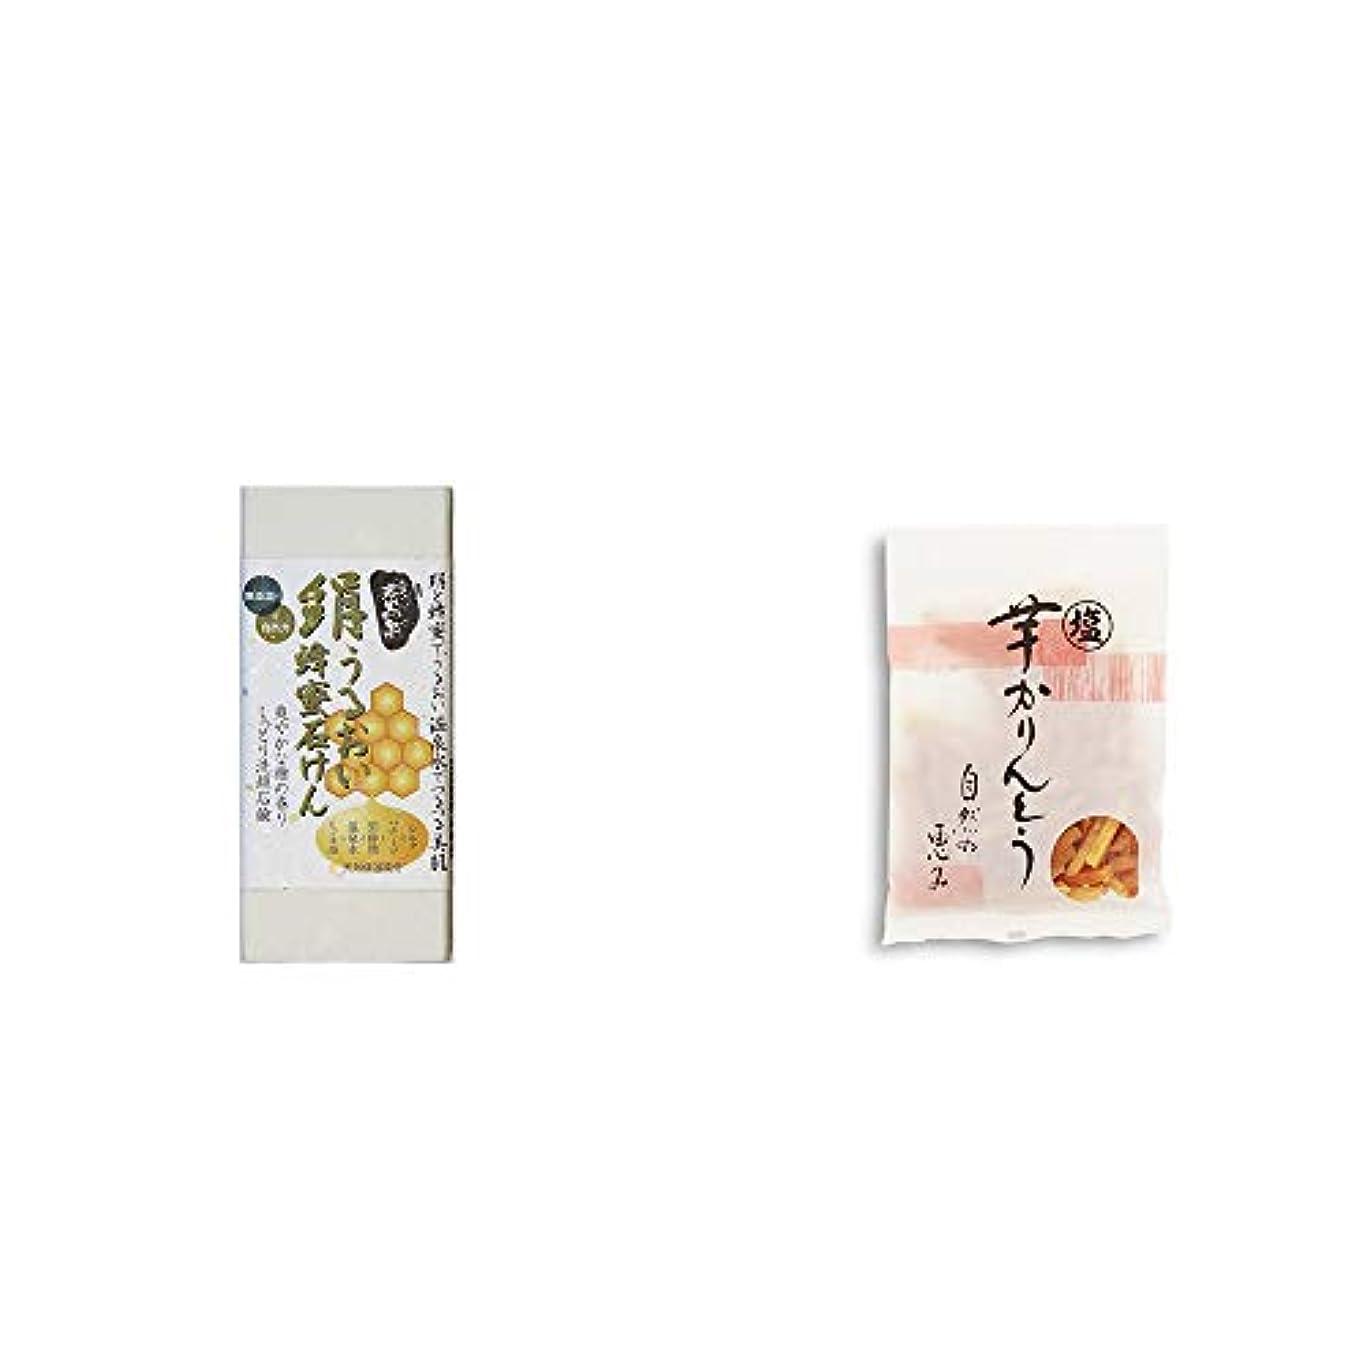 マイナス不屈音声学[2点セット] ひのき炭黒泉 絹うるおい蜂蜜石けん(75g×2)?塩芋かりんとう(150g)